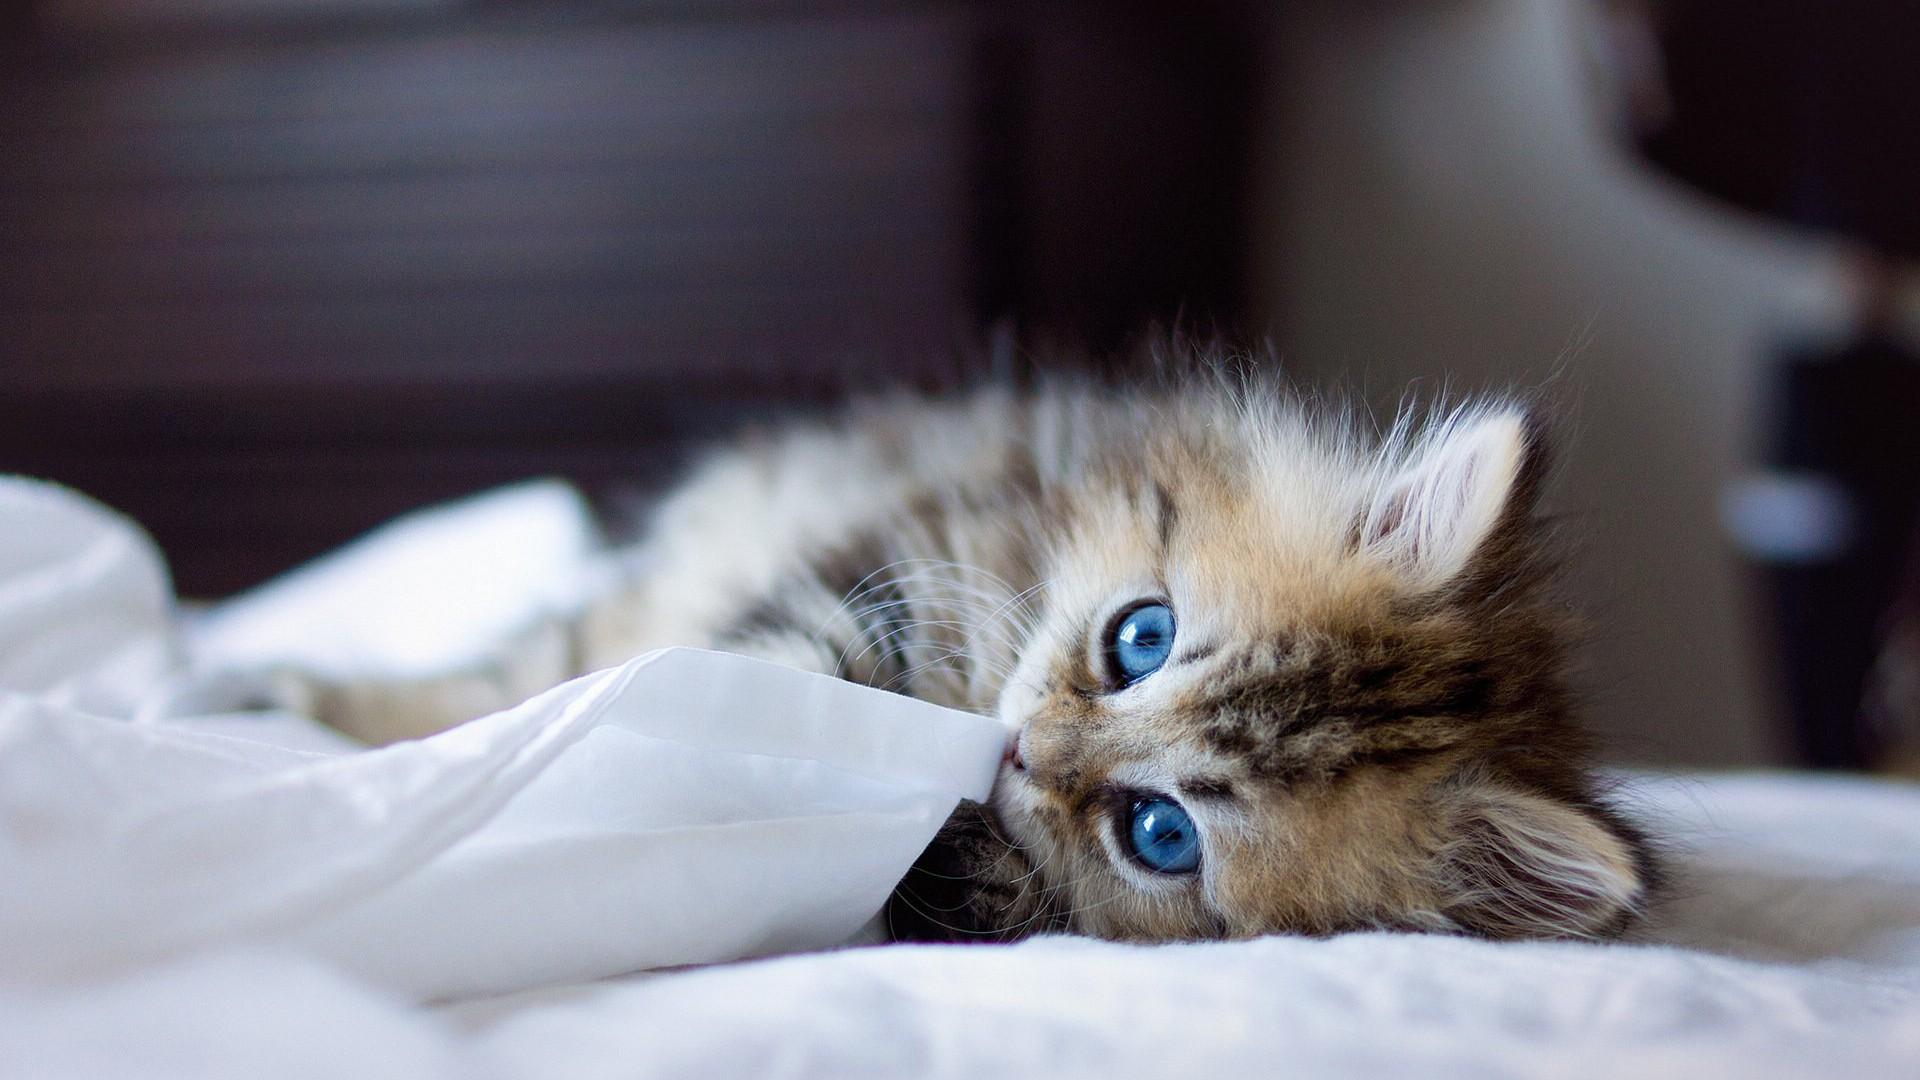 【可爱的小猫高清壁纸】-【乐聊】论坛-手机乐粉家